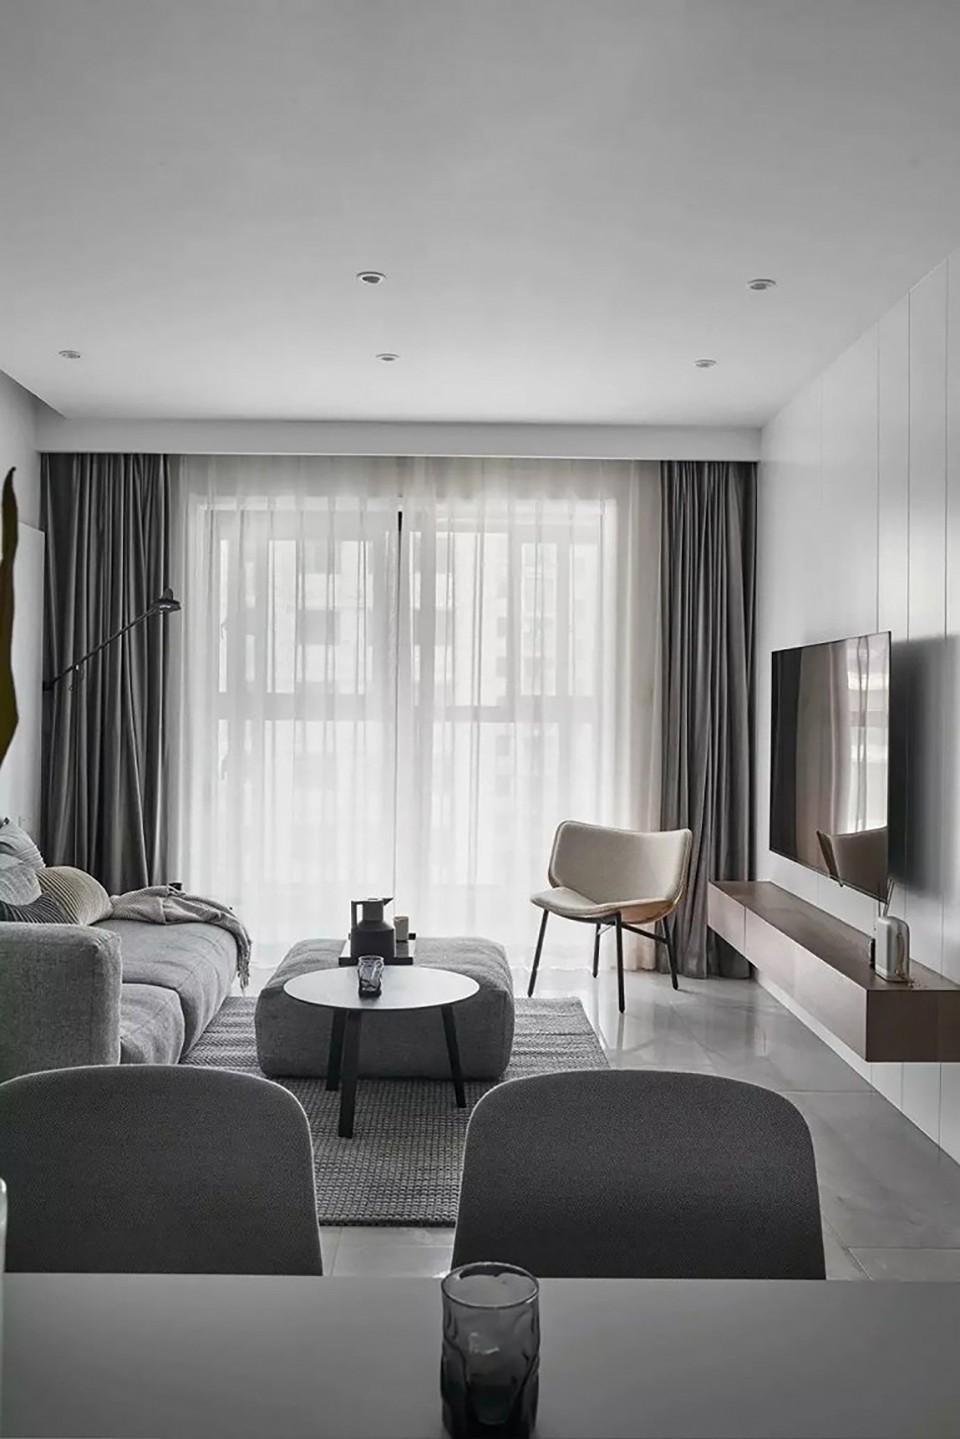 2室1卫2厅92平米现代风格